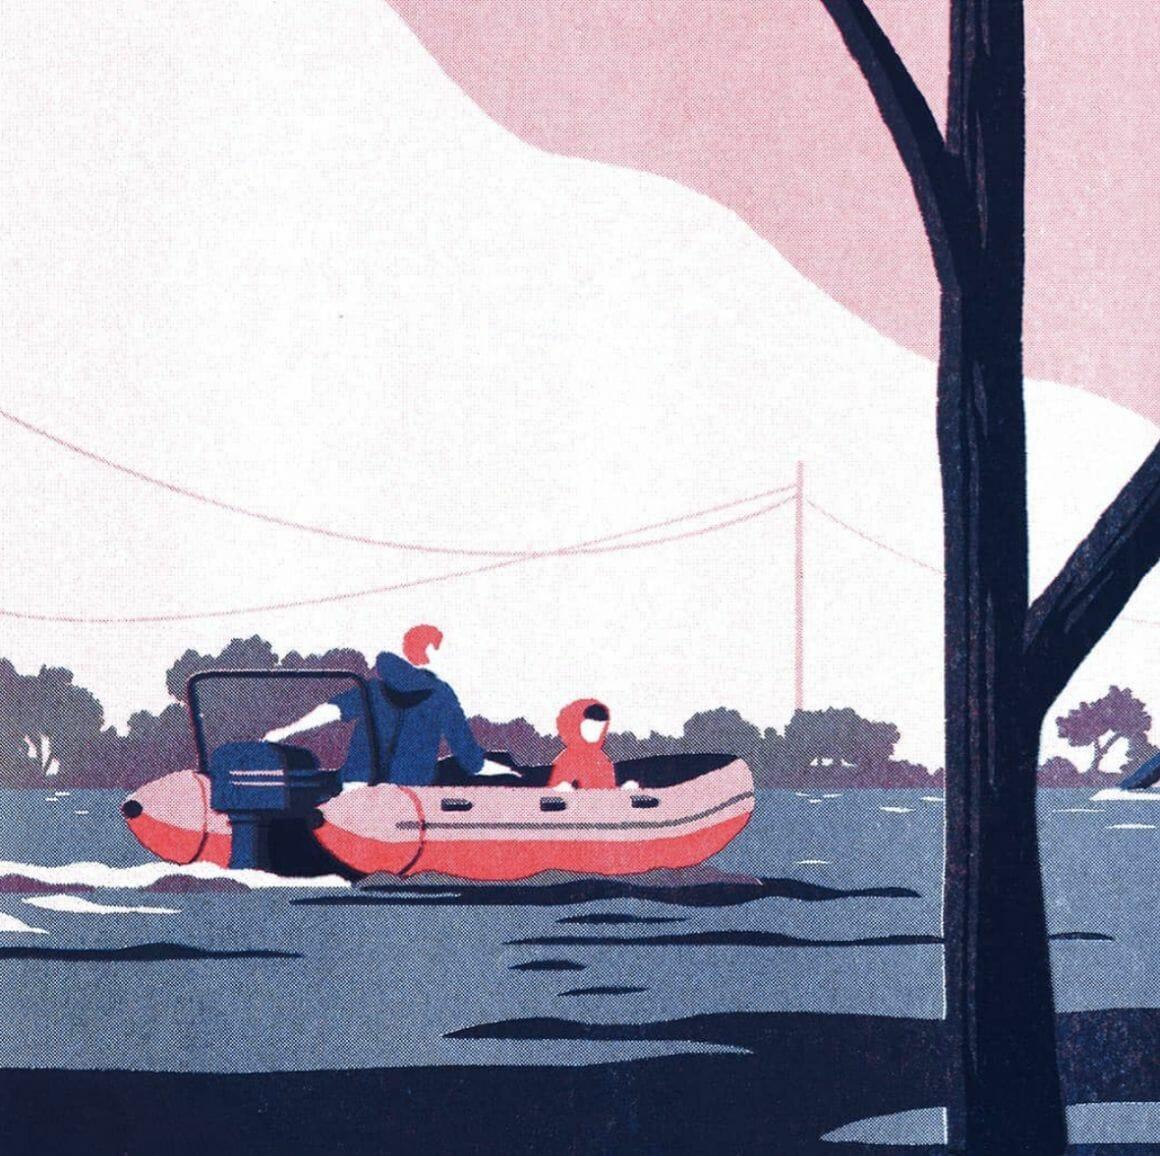 Bateau sur une rivière - - illustration d'un paysage réalisée par Tom Haugomat